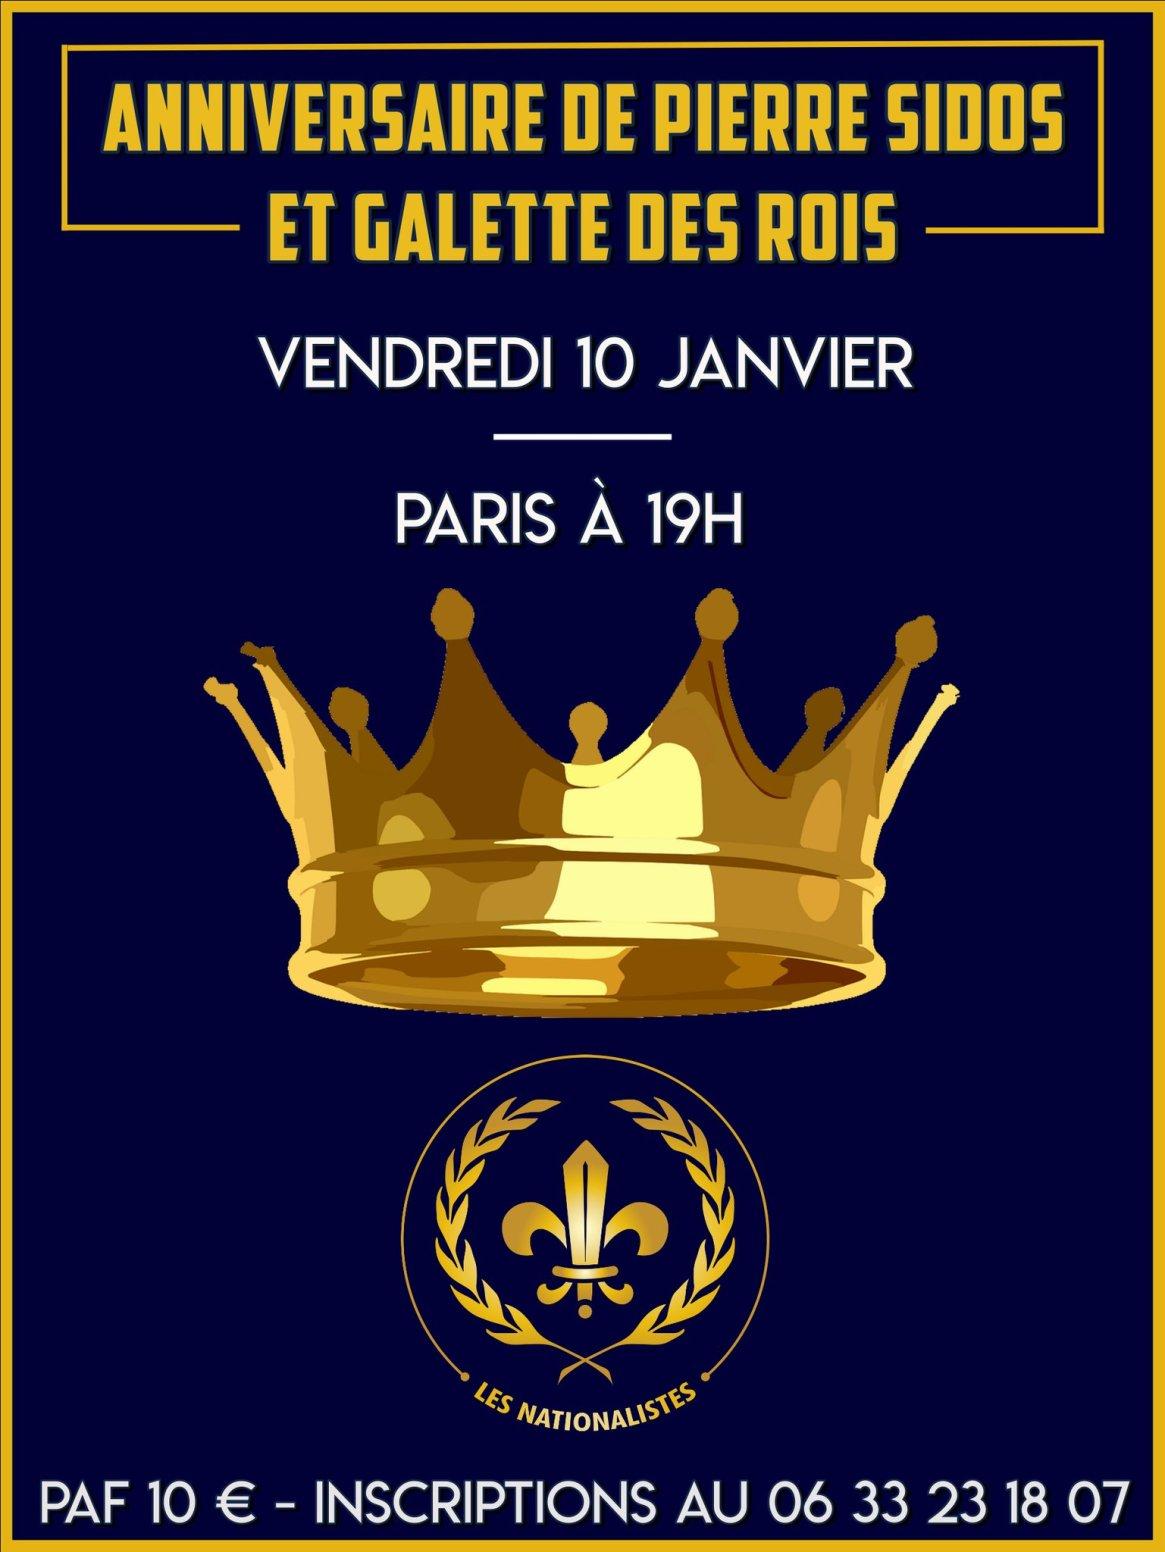 galette-des-rois-paris-10-01-2020